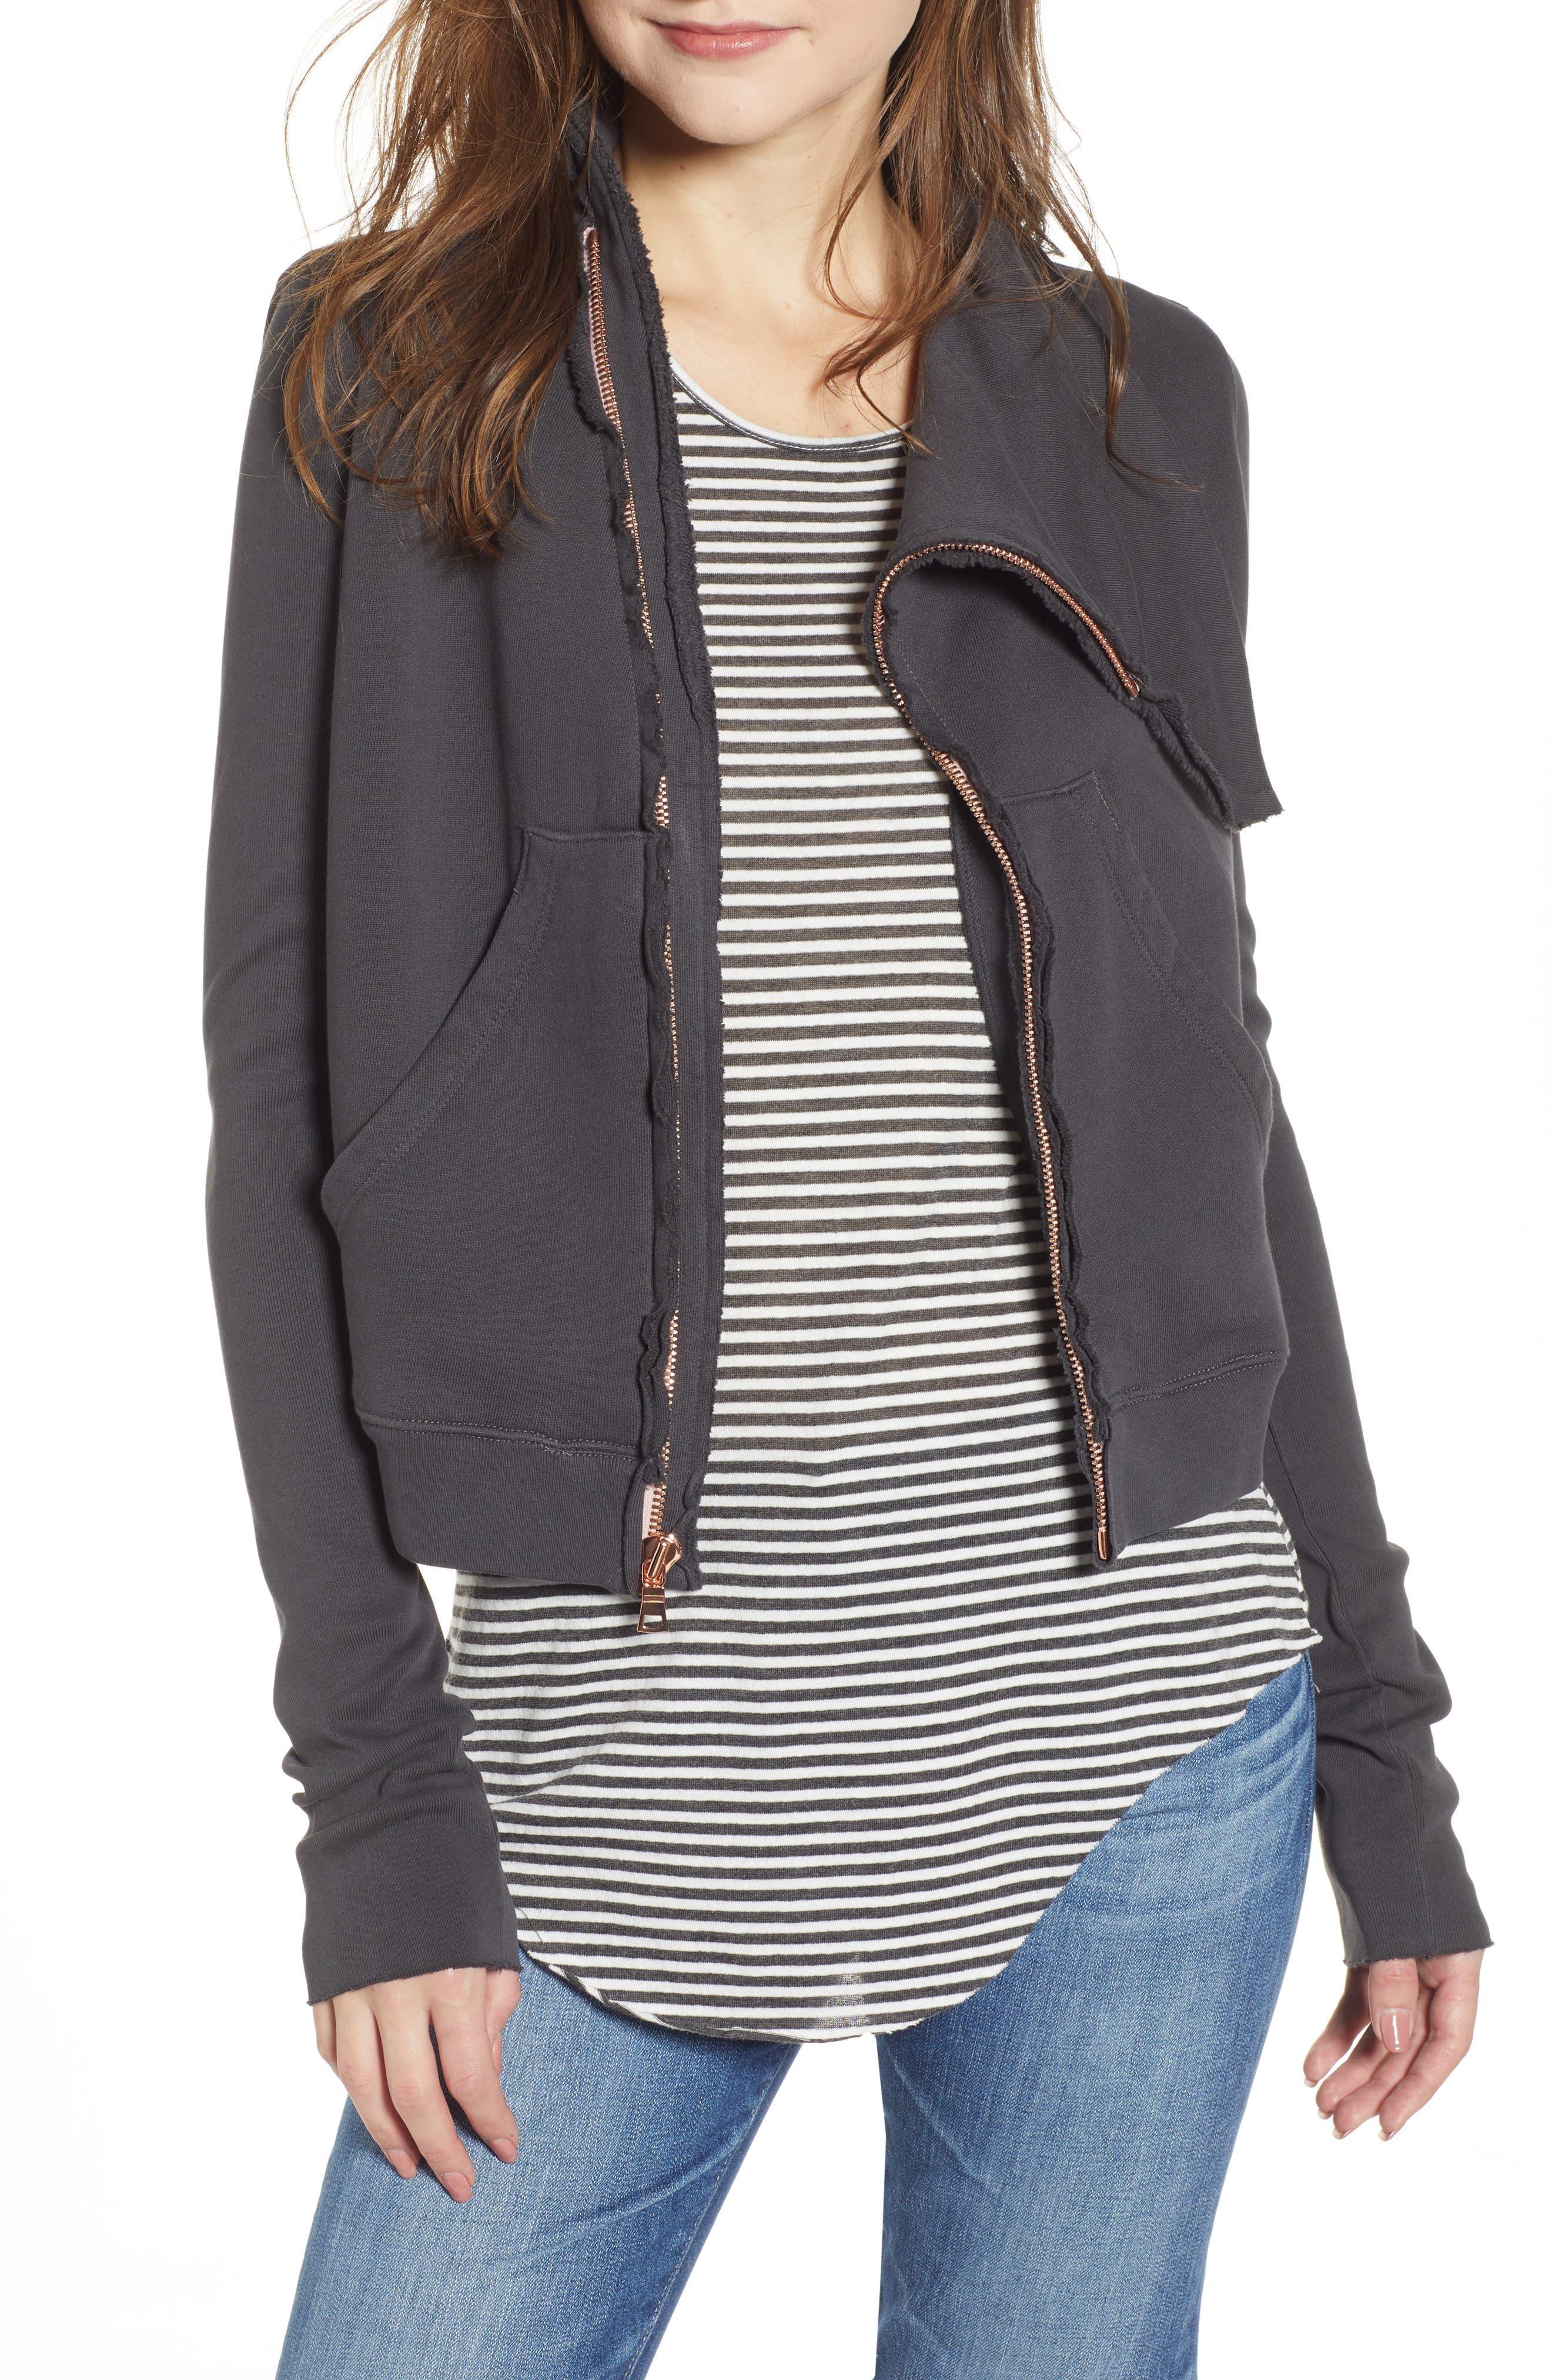 Side-Zip Cotton Fleece Jacket in Carbon